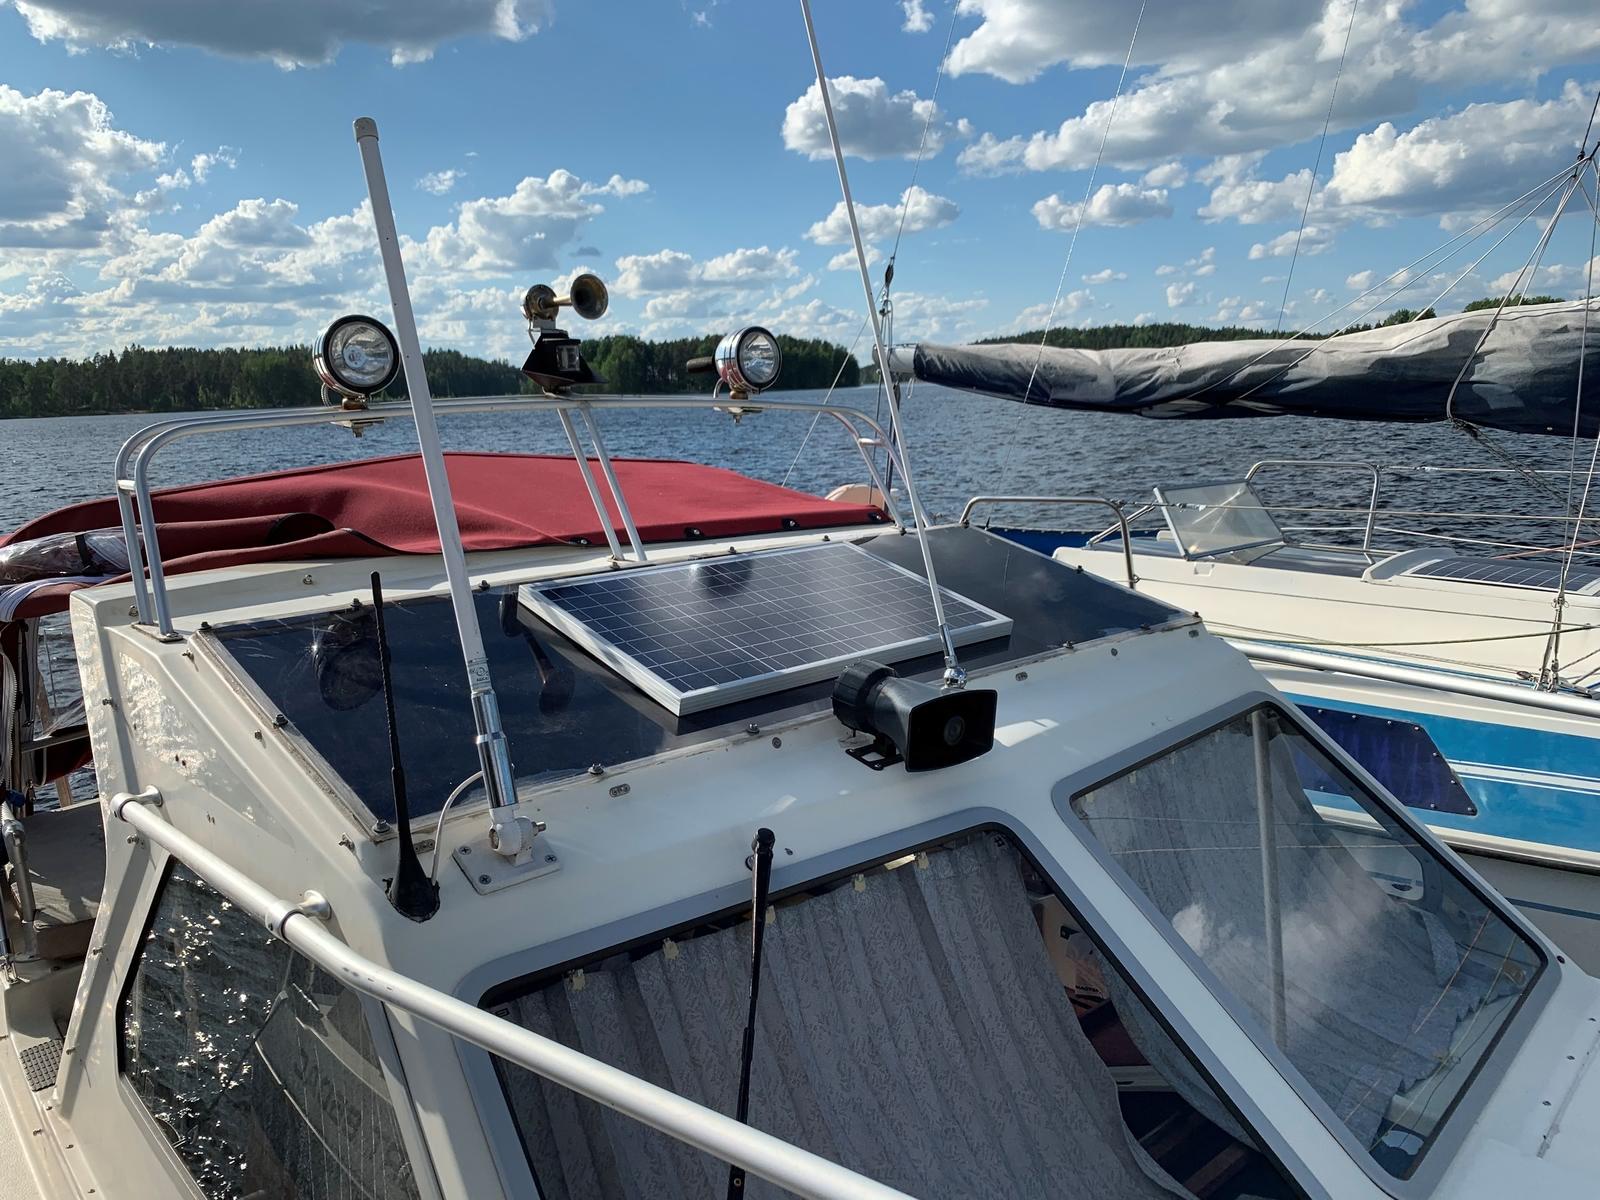 солнечная батарея optimate на лодке2 1600x1200 - Зарядка автомобильного аккумулятора с помощью солнечных батарей